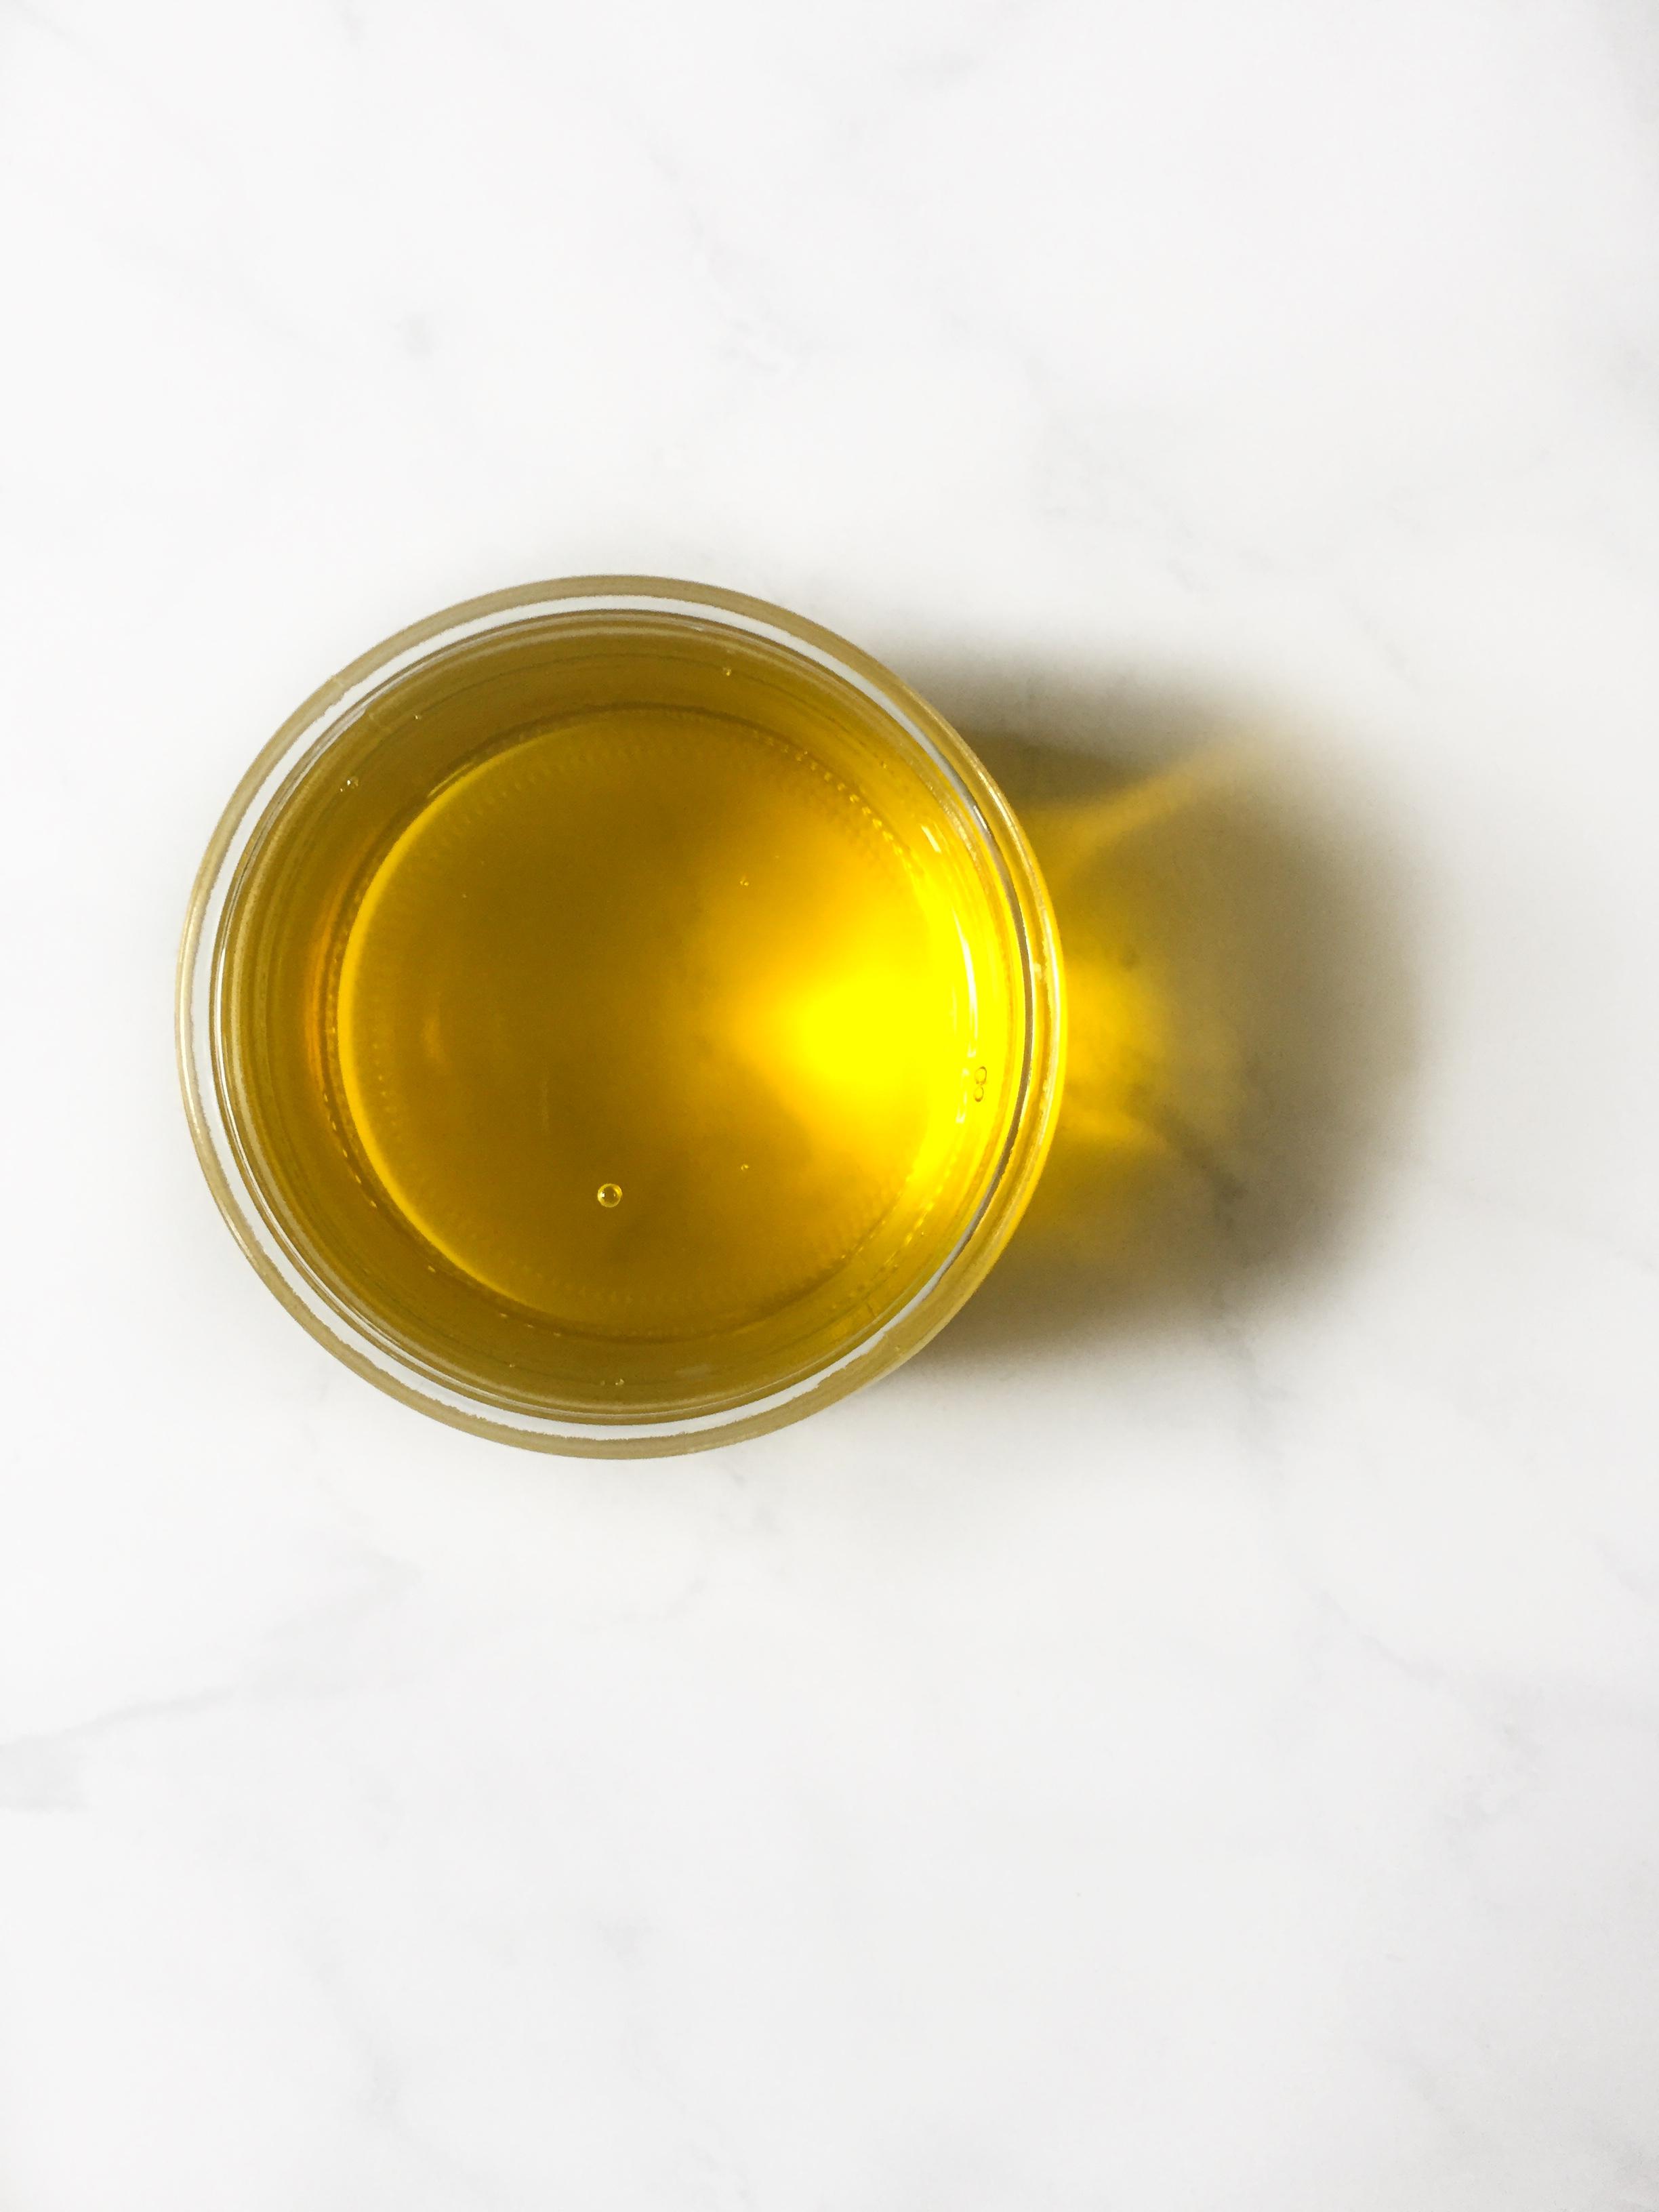 ghee ~ a golden South Asian clarified butter